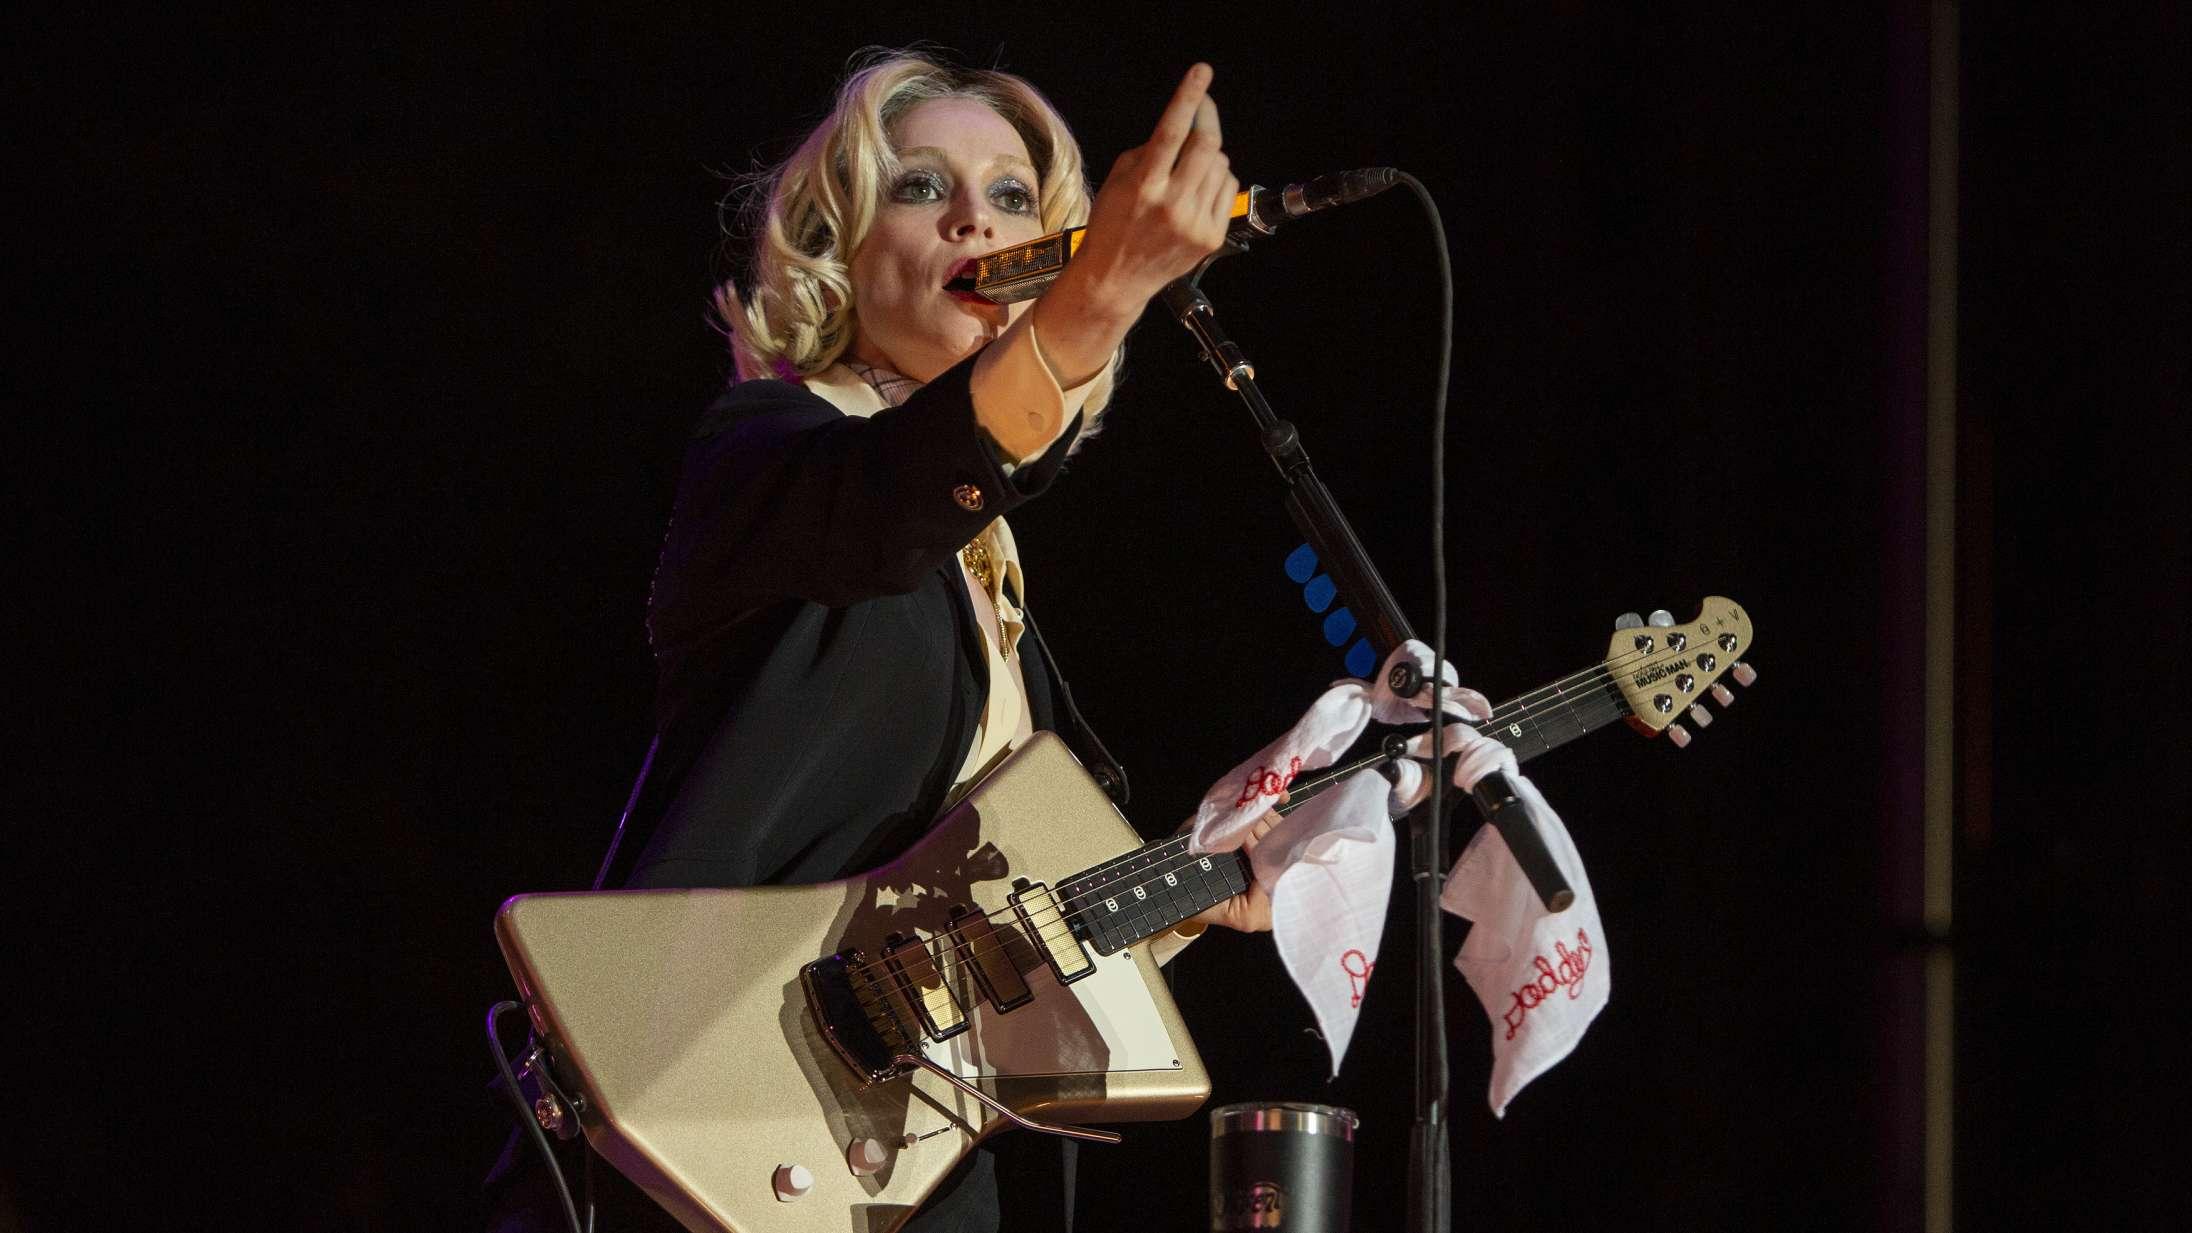 Roskilde Festival: Her er vores otte favoritter i ugens ekstremt stærke musikpakke